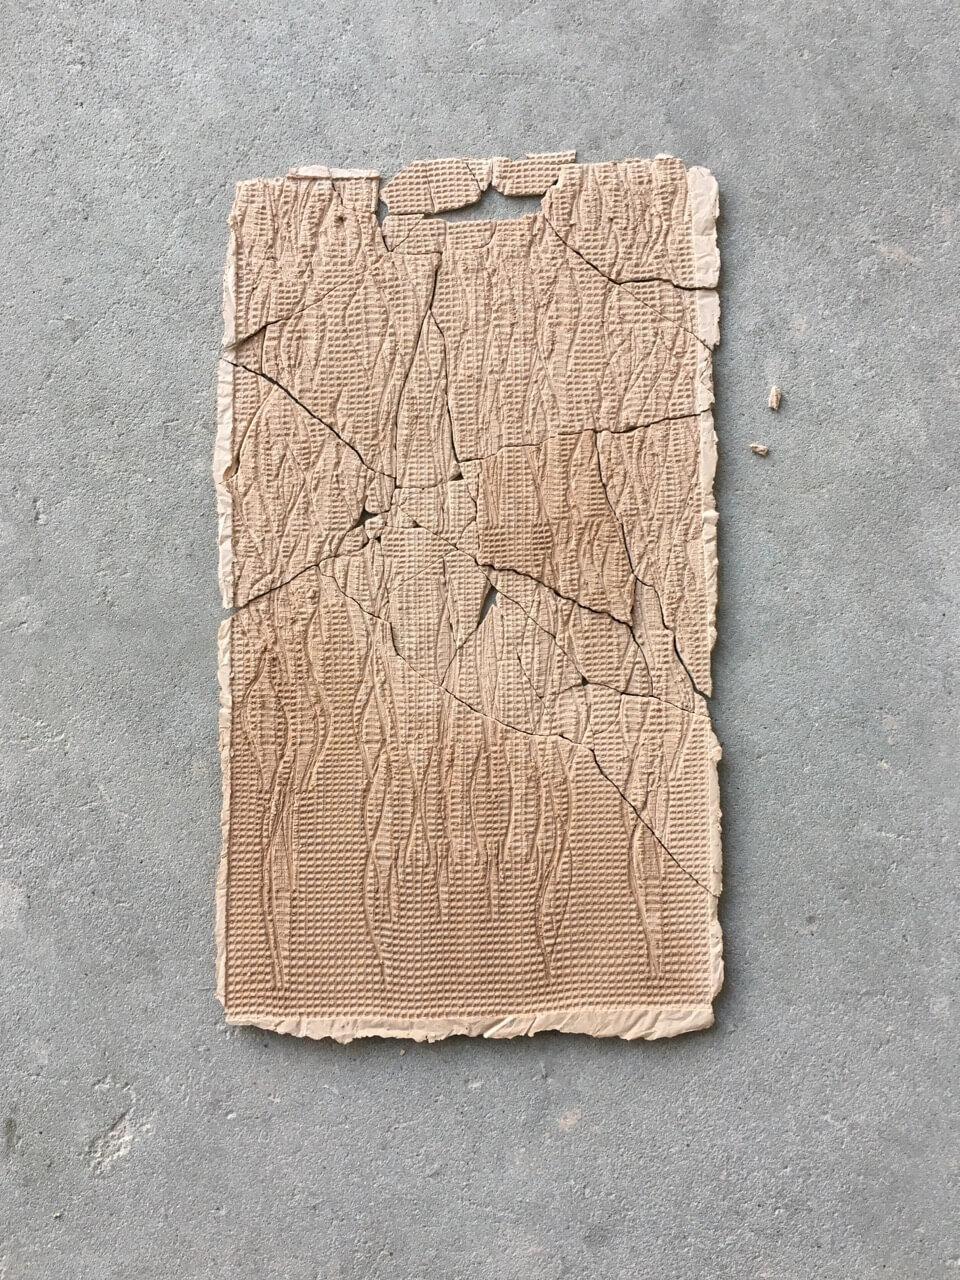 Traces; 2018 plaster POA